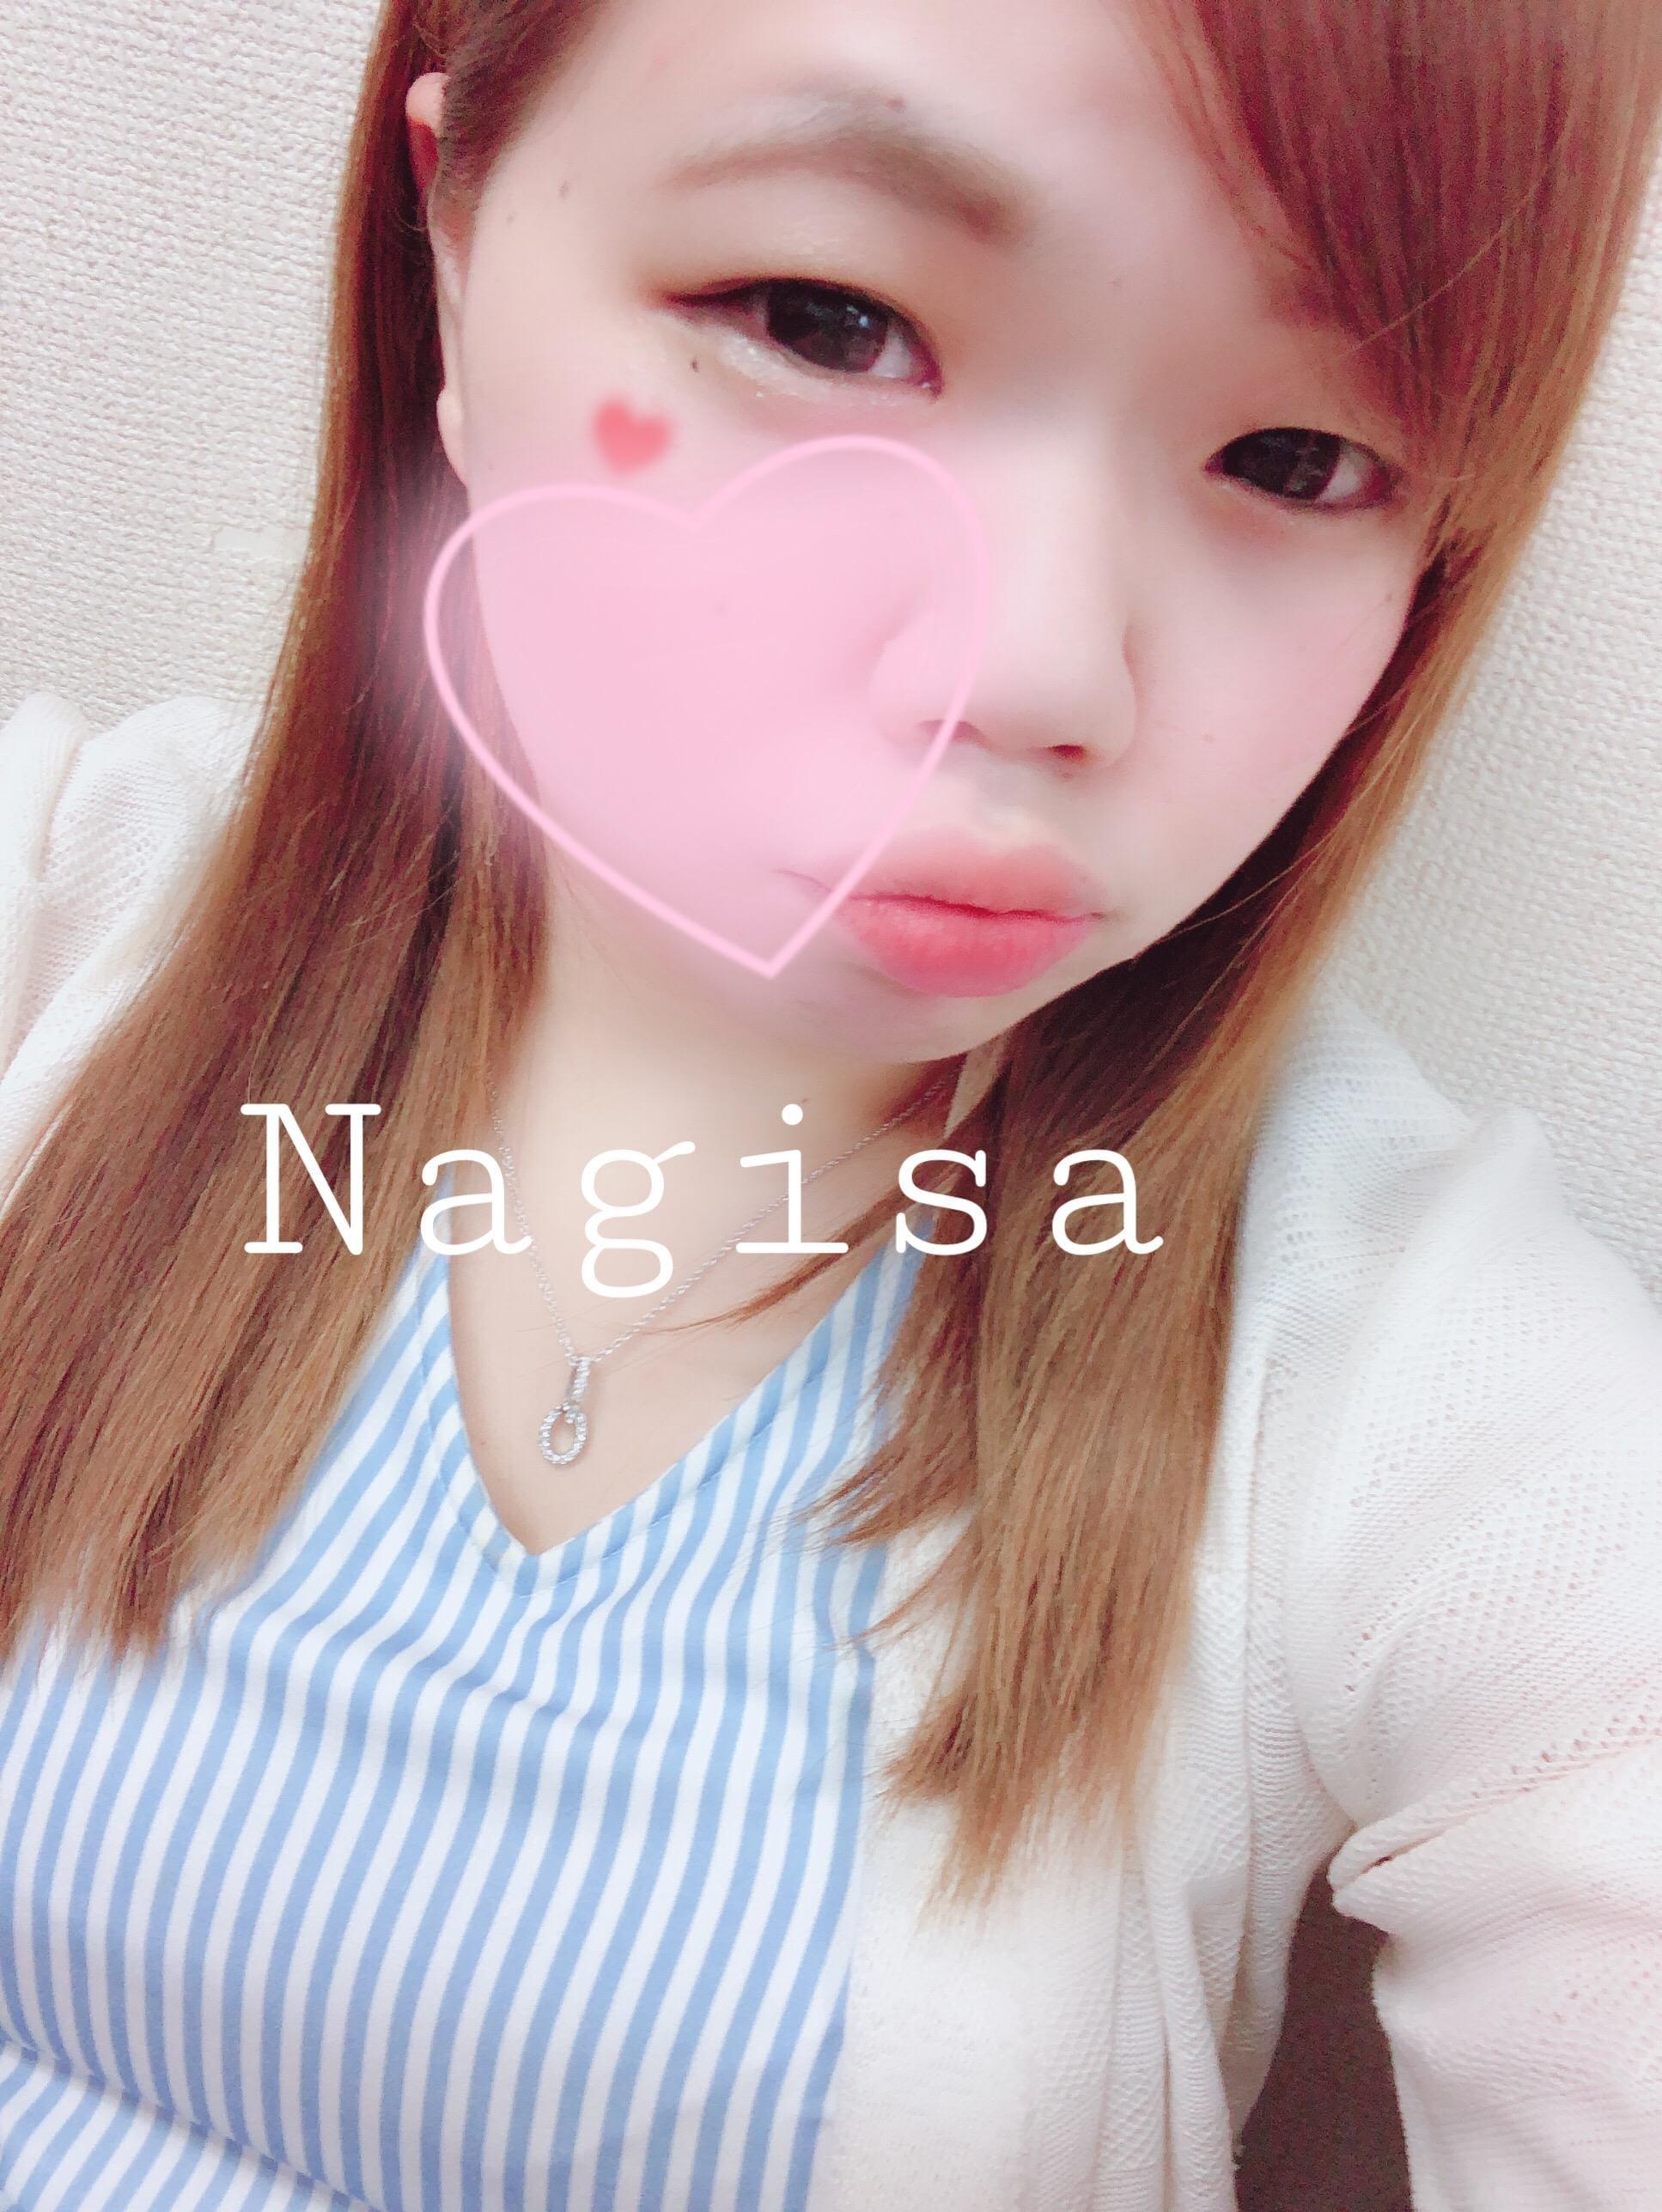 「( *ˆωˆ* )」09/23(09/23) 20:36 | 高梨なぎさの写メ・風俗動画